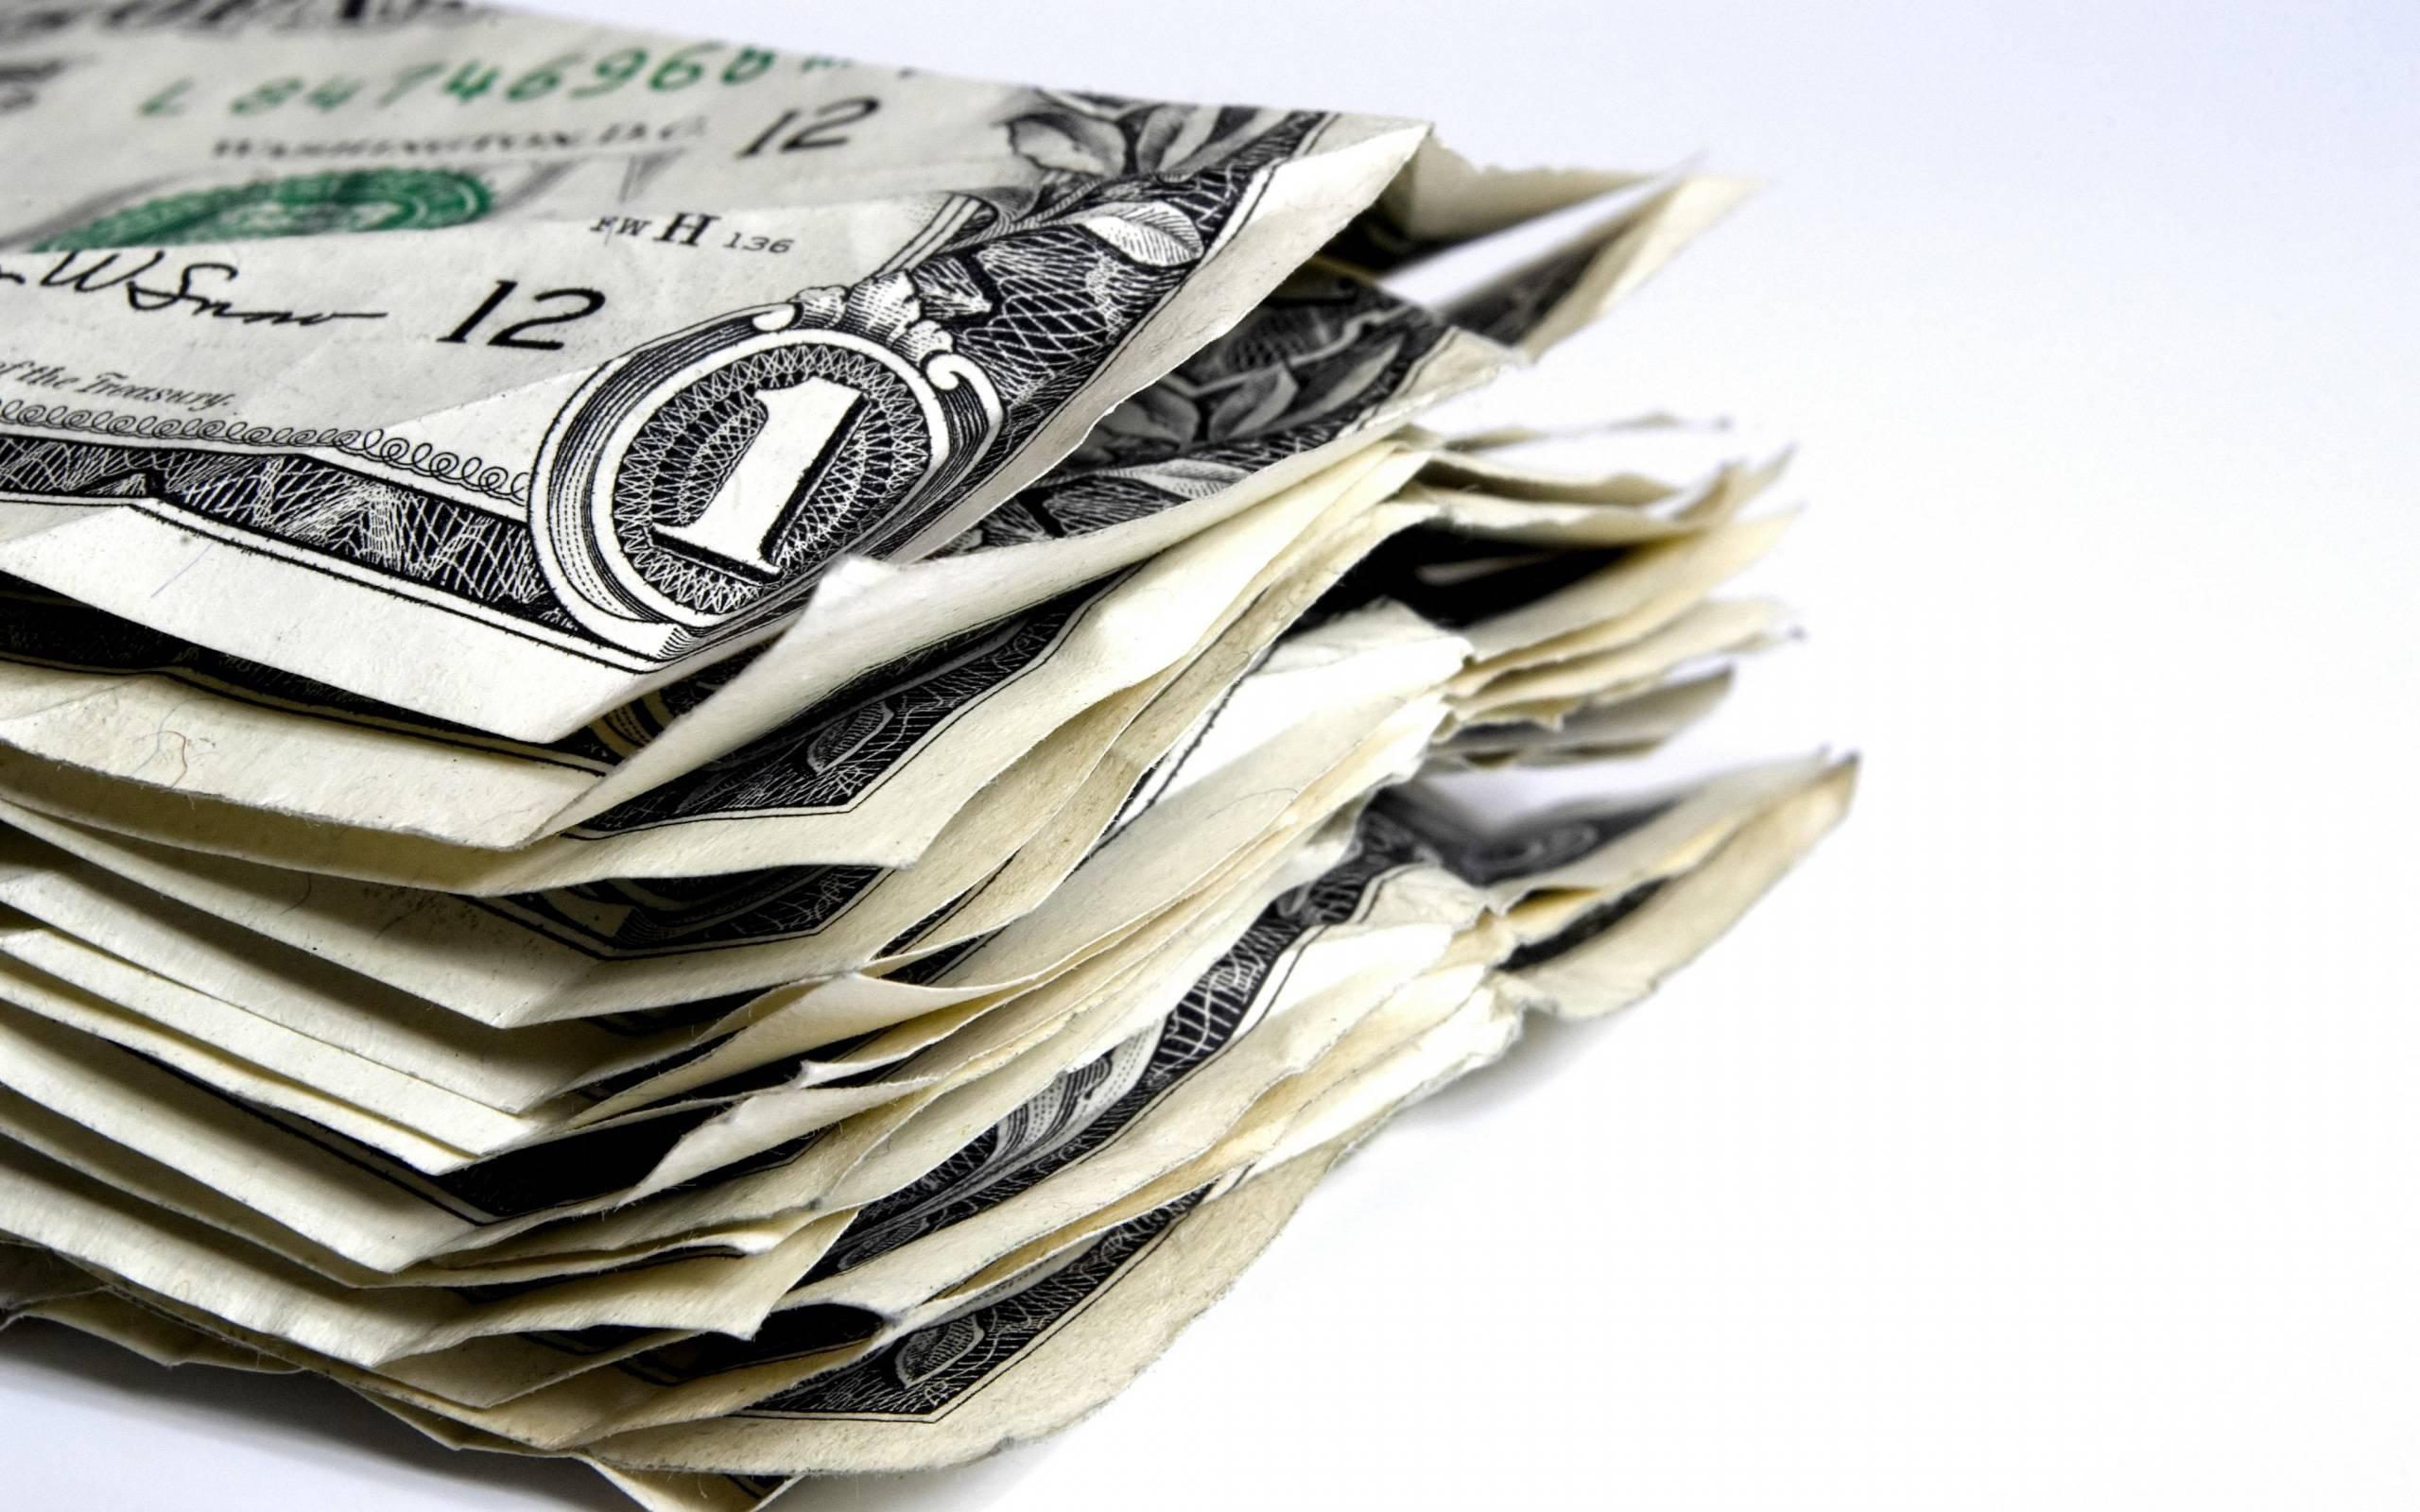 money-64a358990bb2ac0d694307c24574a624.jpg